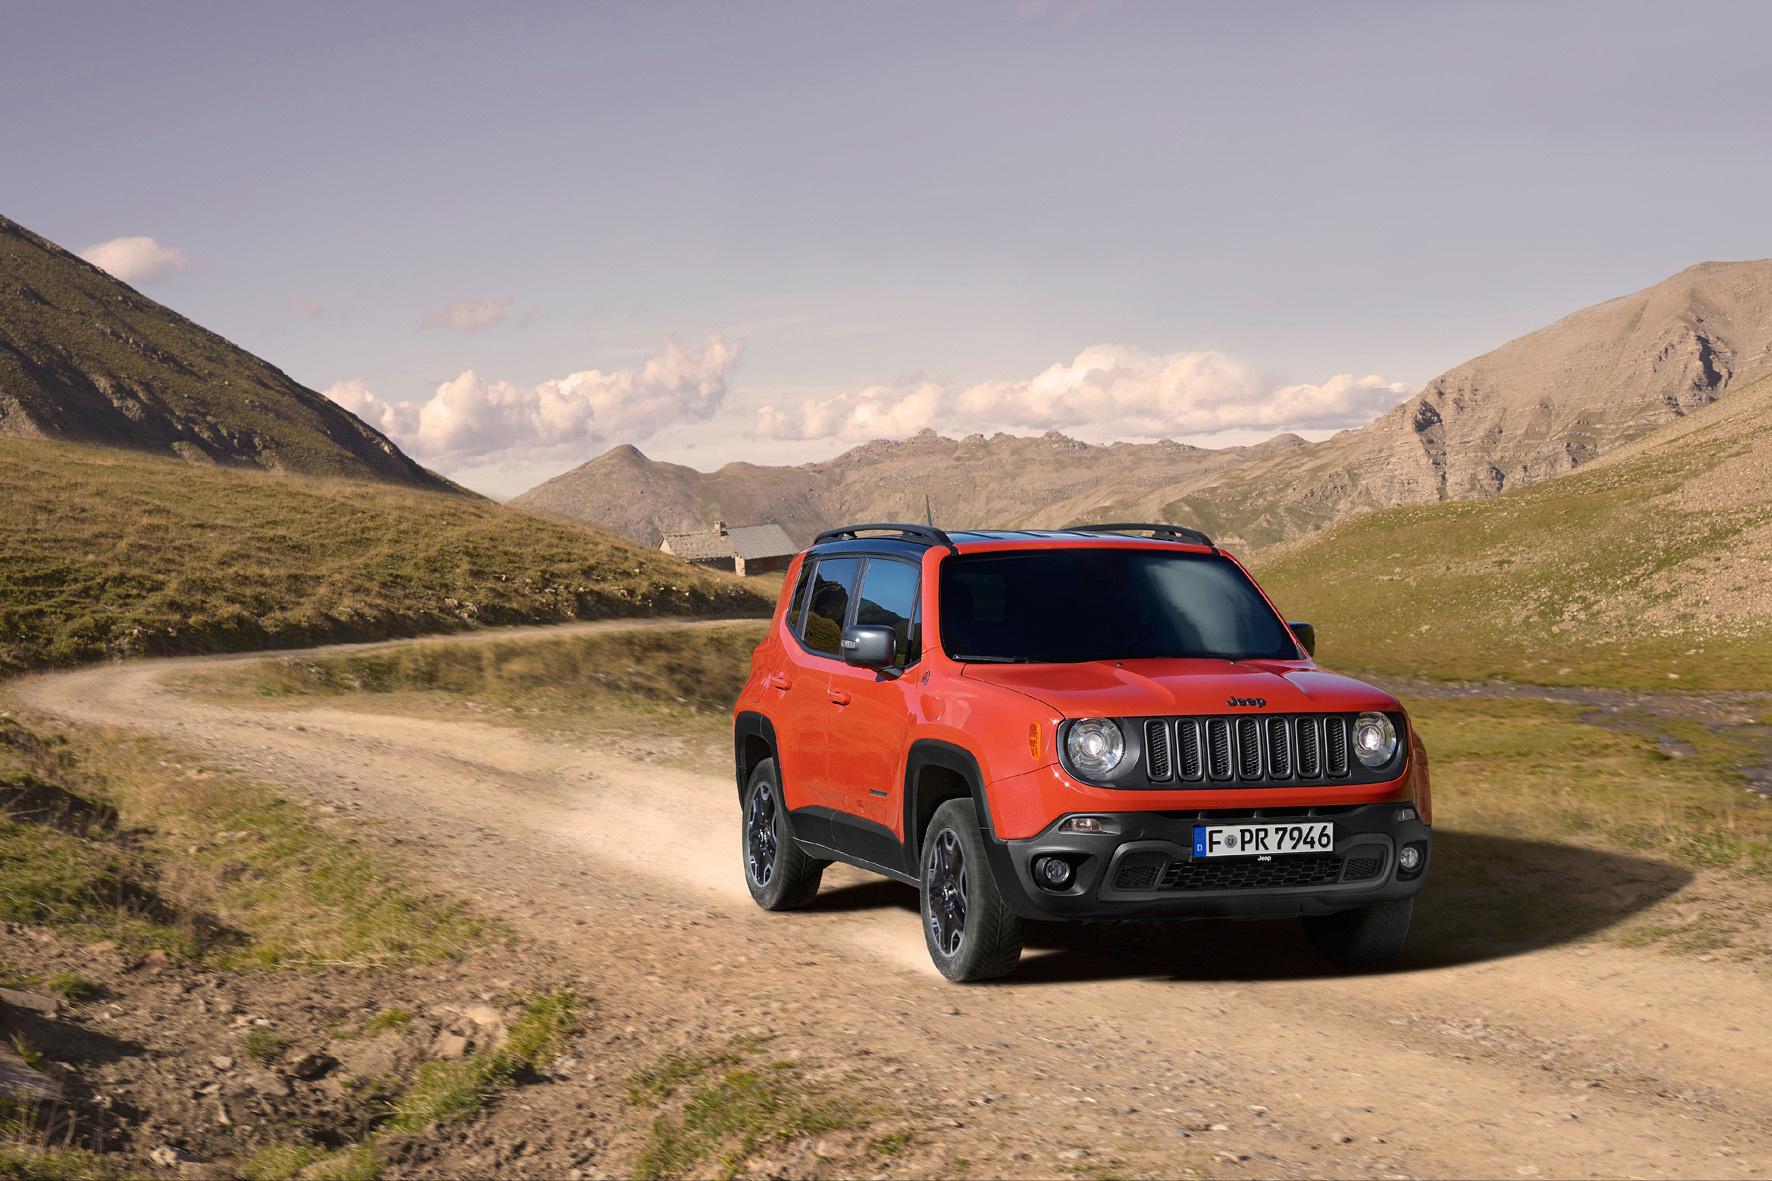 mid Frankfurt - Die auf vier Jahre verlängerte Garantie bei Jeep gilt für alle Neufahrzeuge der Marke vom neuen Renegade (Foto) bis zum Grand Cherokee.